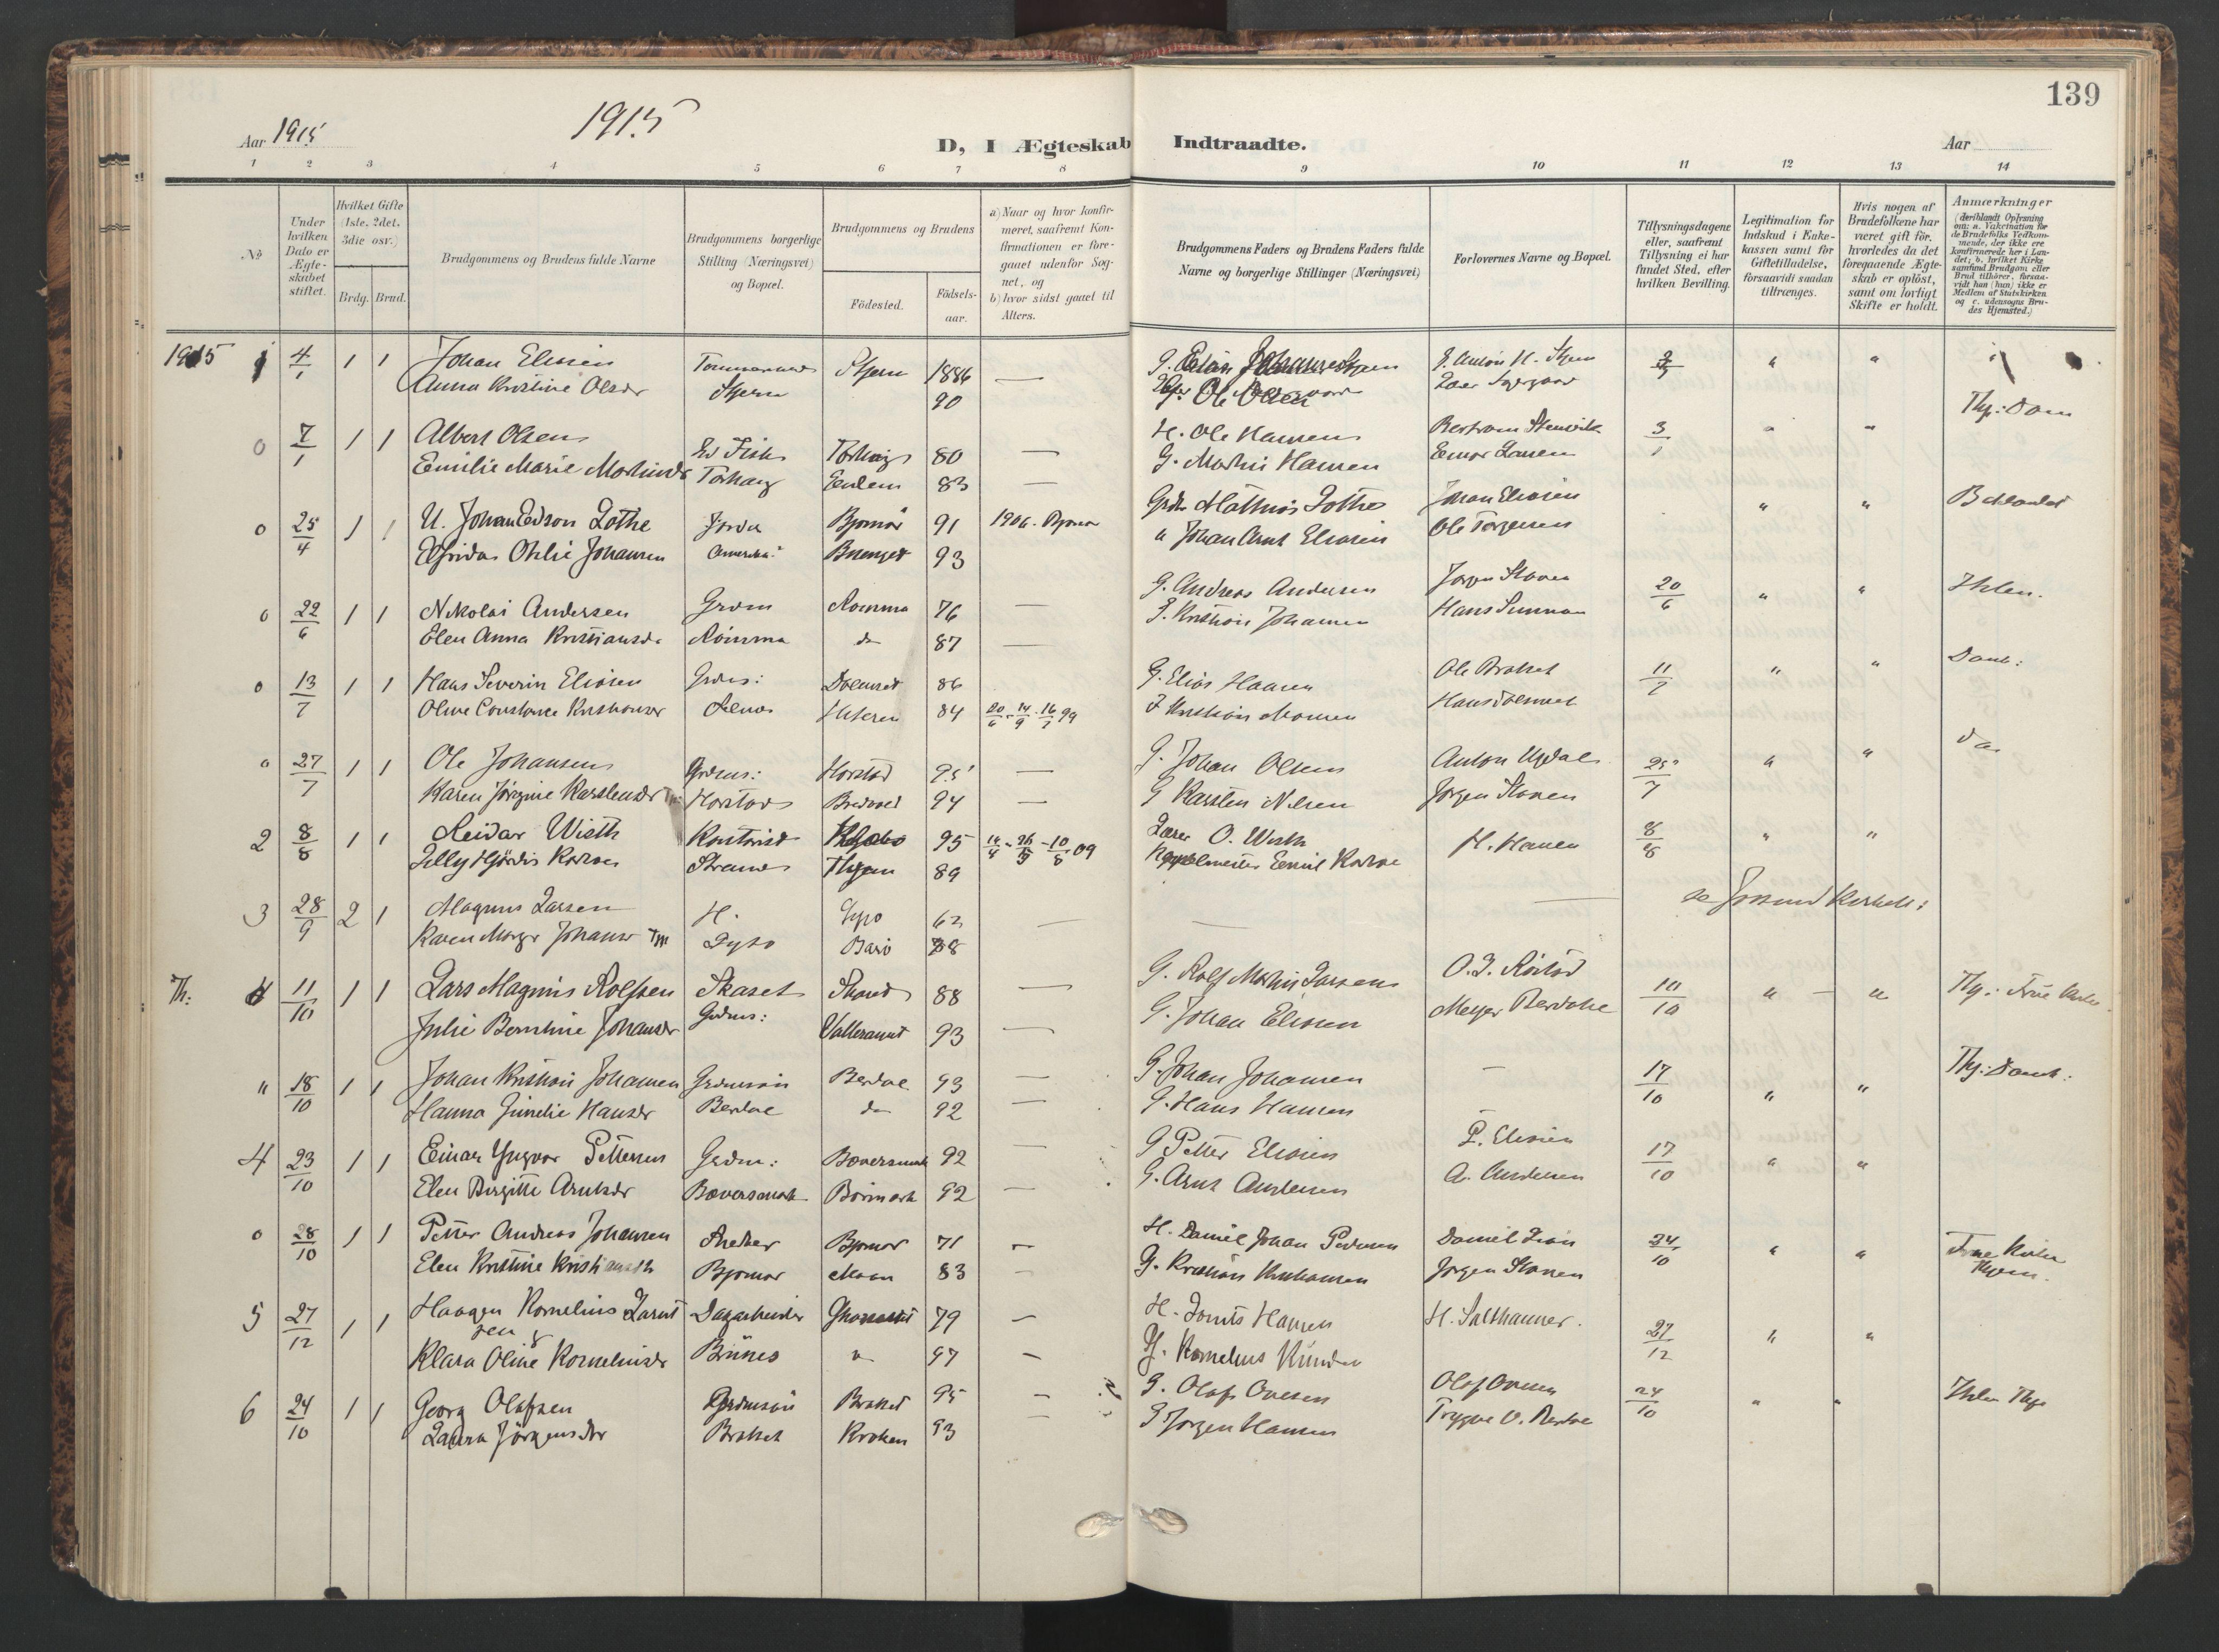 SAT, Ministerialprotokoller, klokkerbøker og fødselsregistre - Sør-Trøndelag, 655/L0682: Ministerialbok nr. 655A11, 1908-1922, s. 139